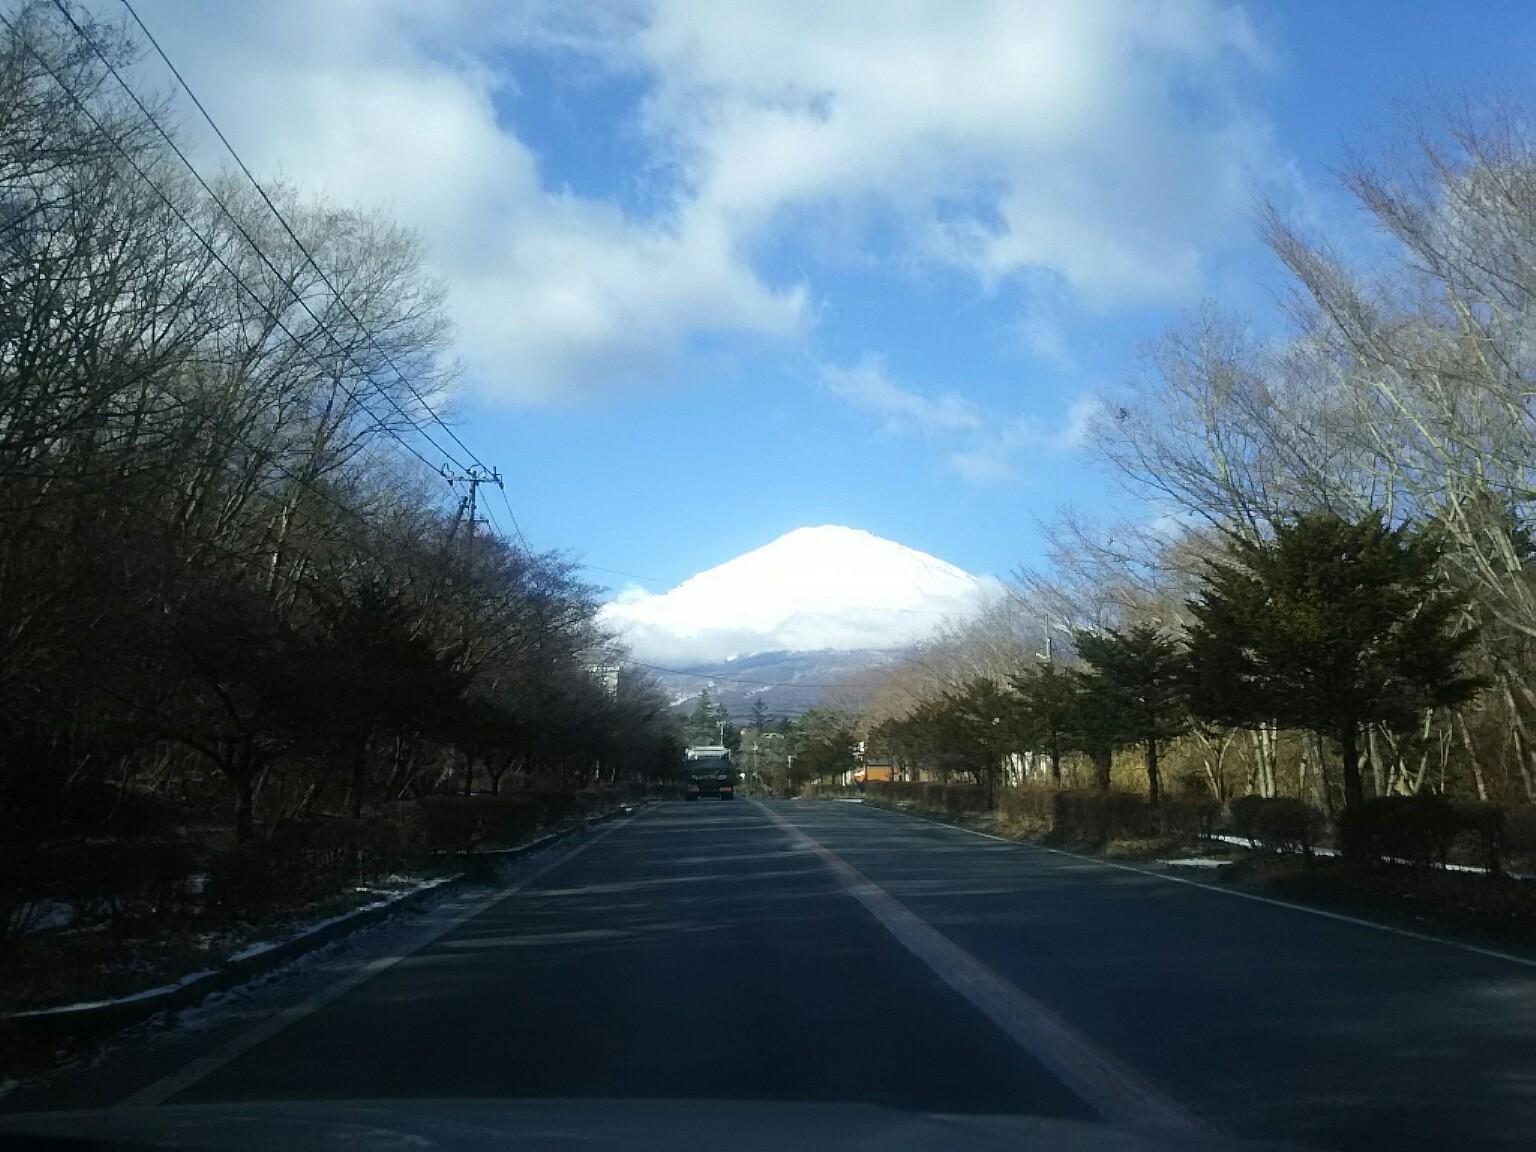 富士山の夢を見れないなら、行けば良い